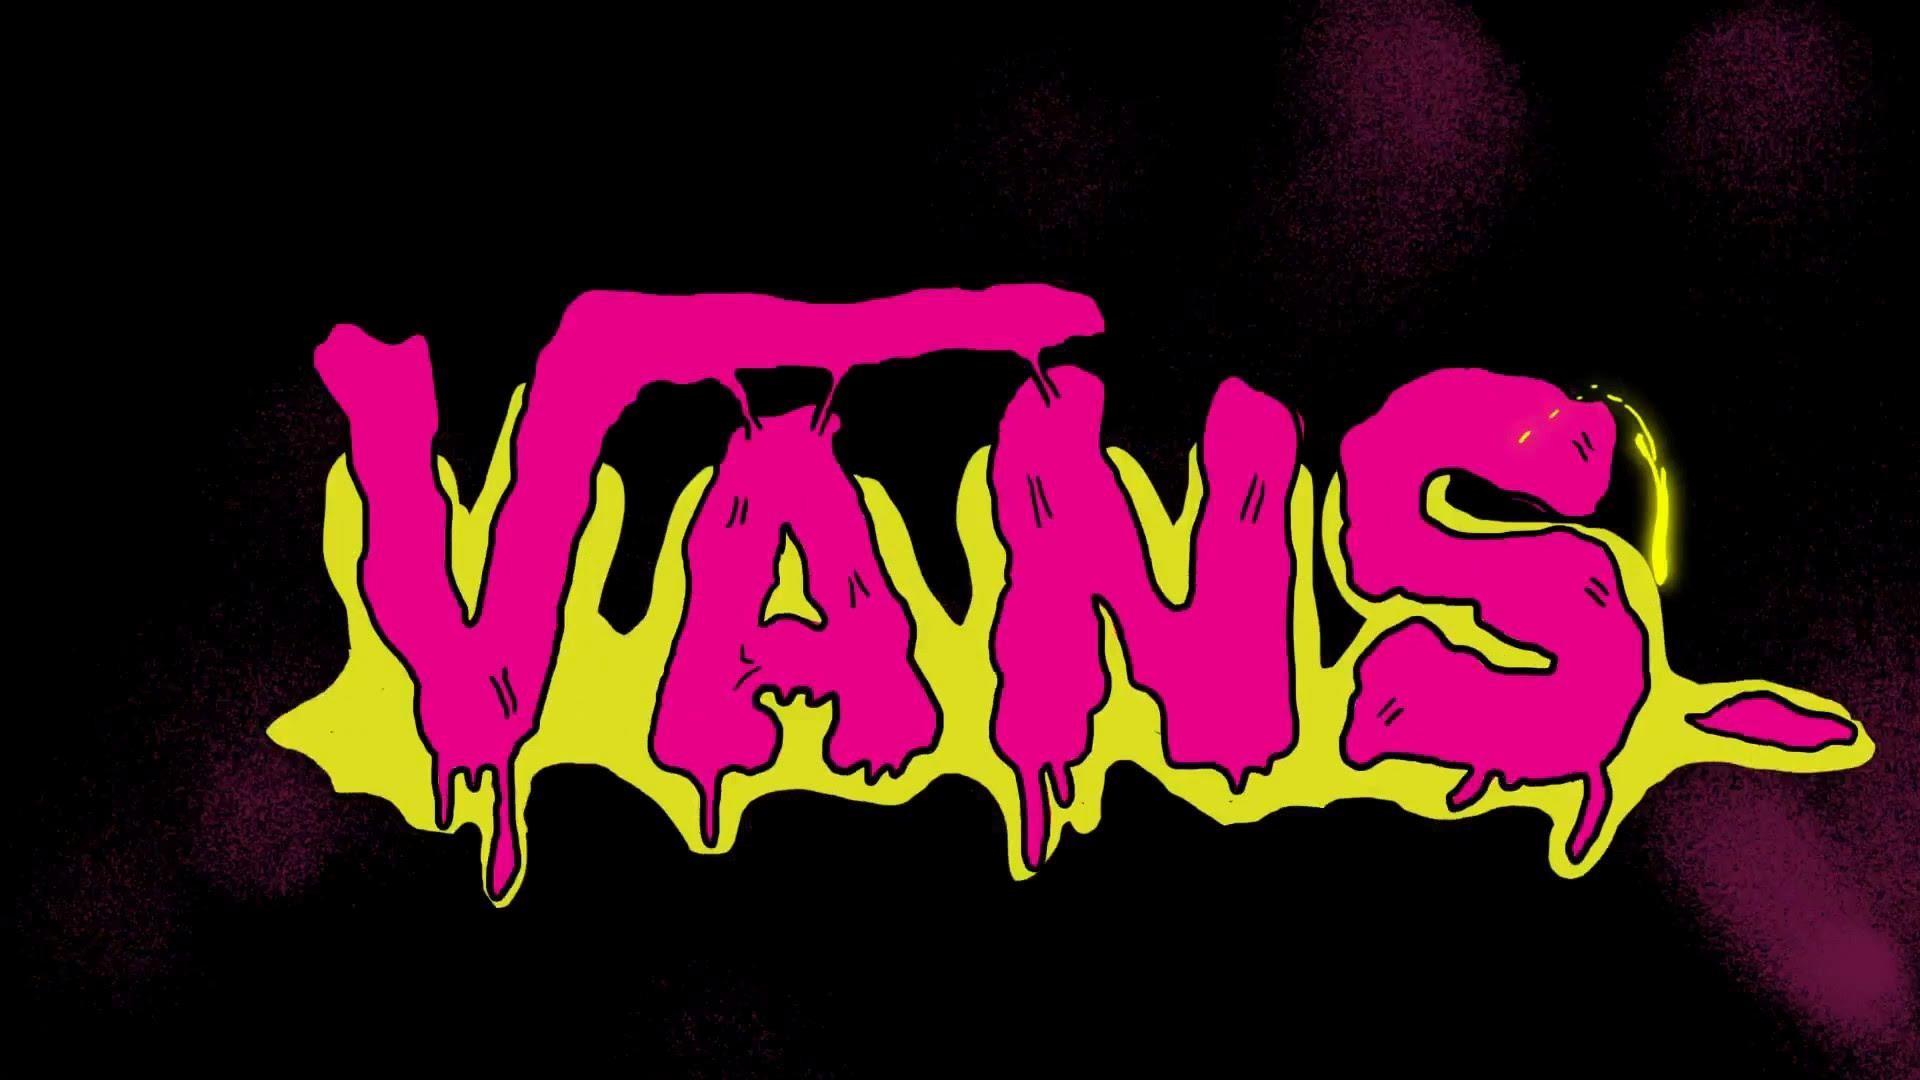 6. vans-wallpaper-hd6-600×338